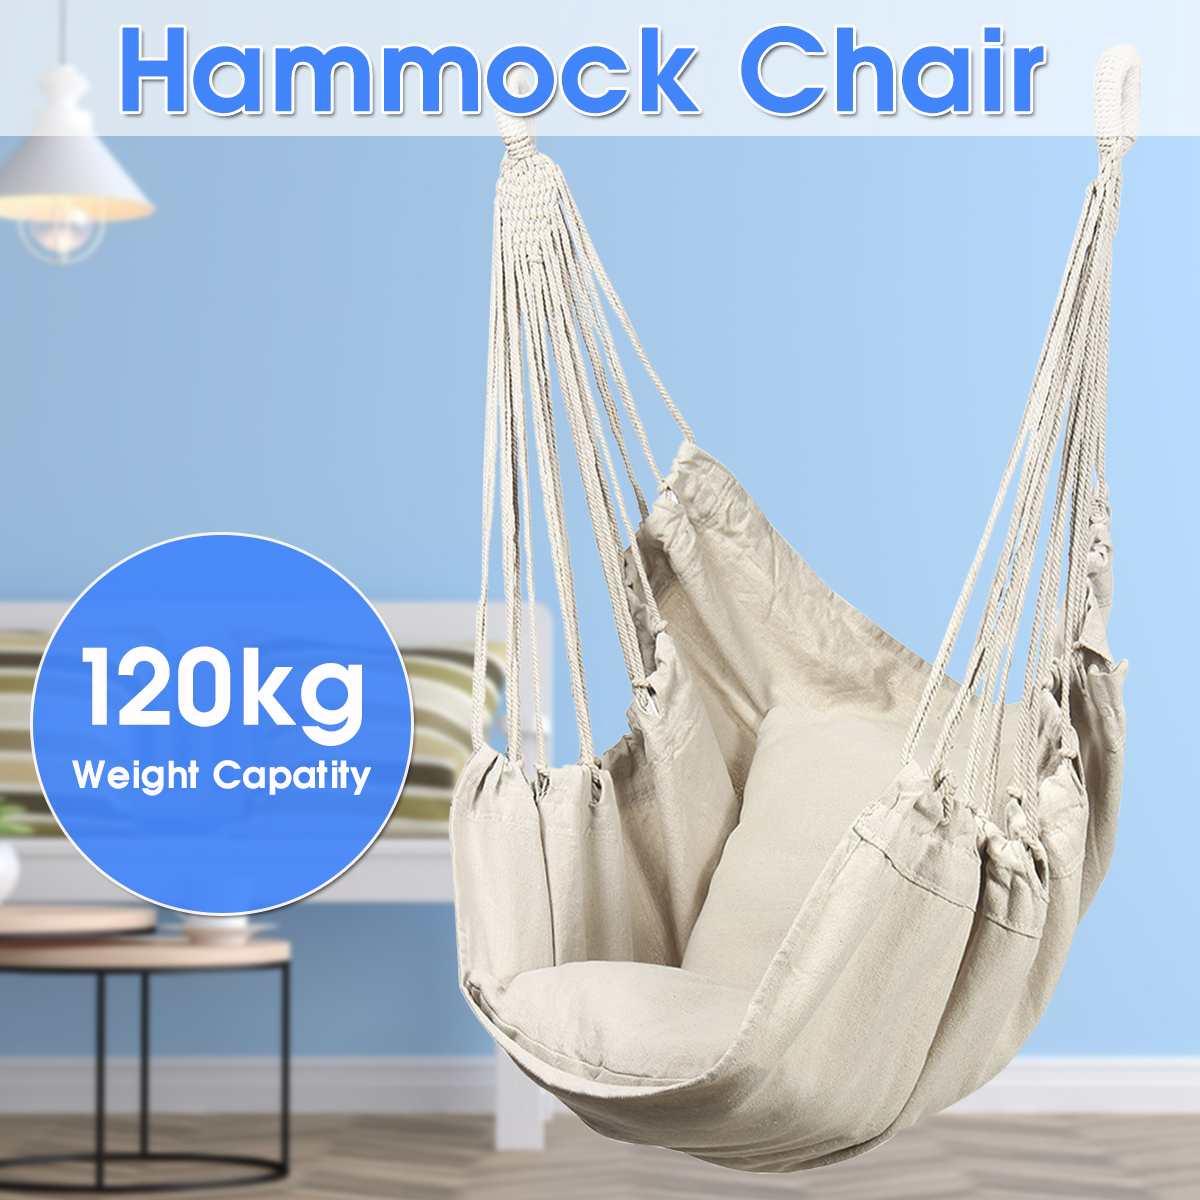 Estilo nórdico blanco hamaca al aire libre jardín interior dormitorio silla colgante para niño adulto Swinging Single seguridad hamaca